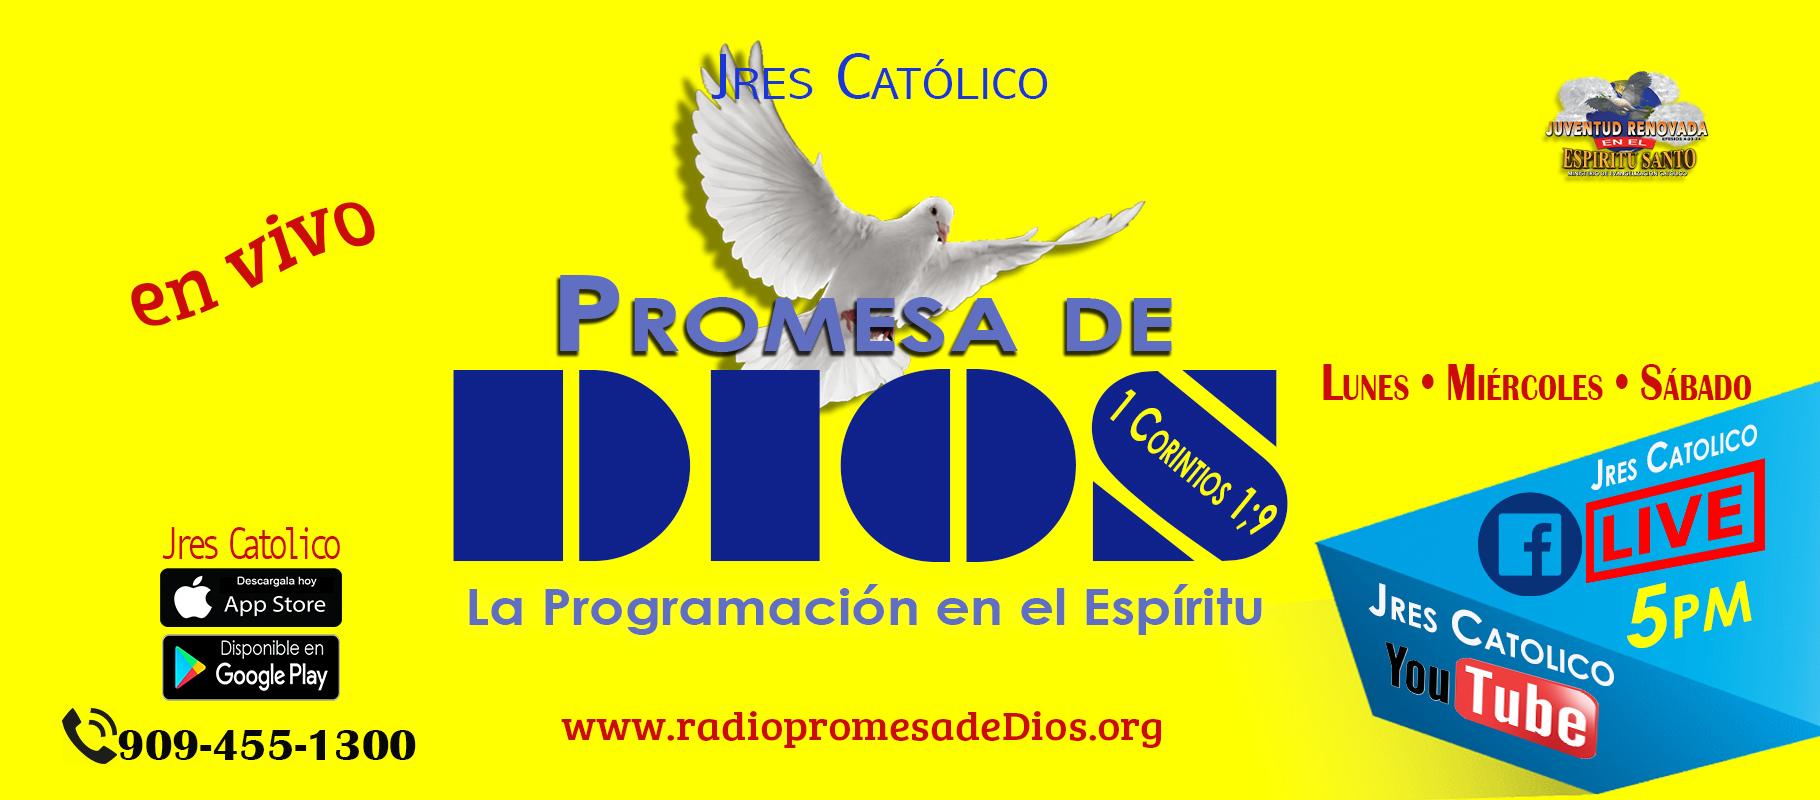 PROMESA DE DIOS-2